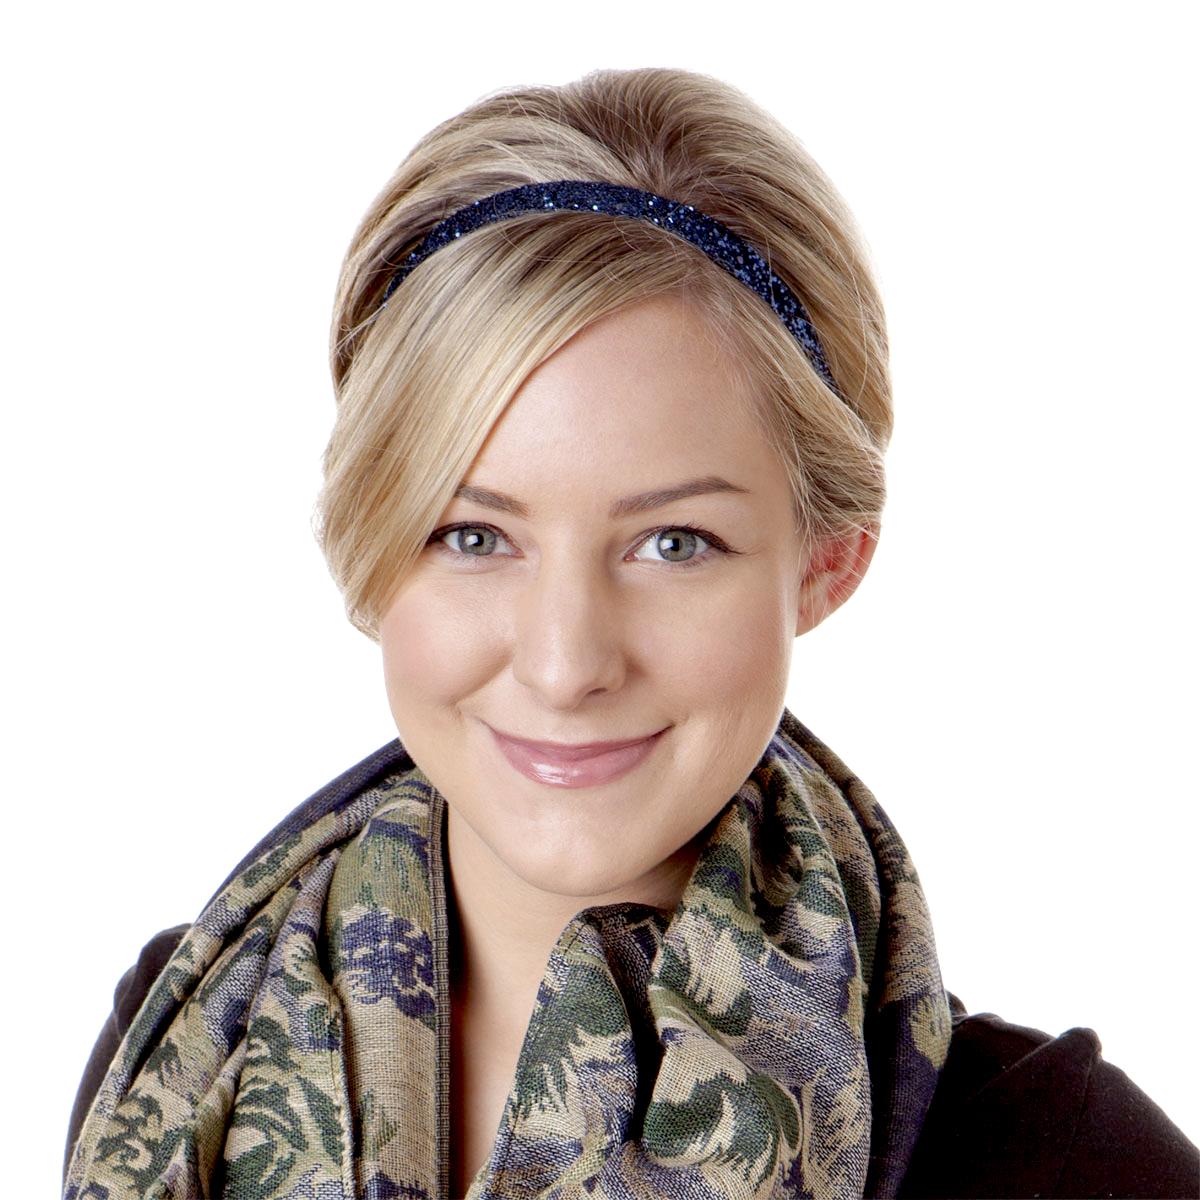 Hipsy Women's Adjustable NO SLIP Skinny Bling Glitter Headband (Navy Blue)